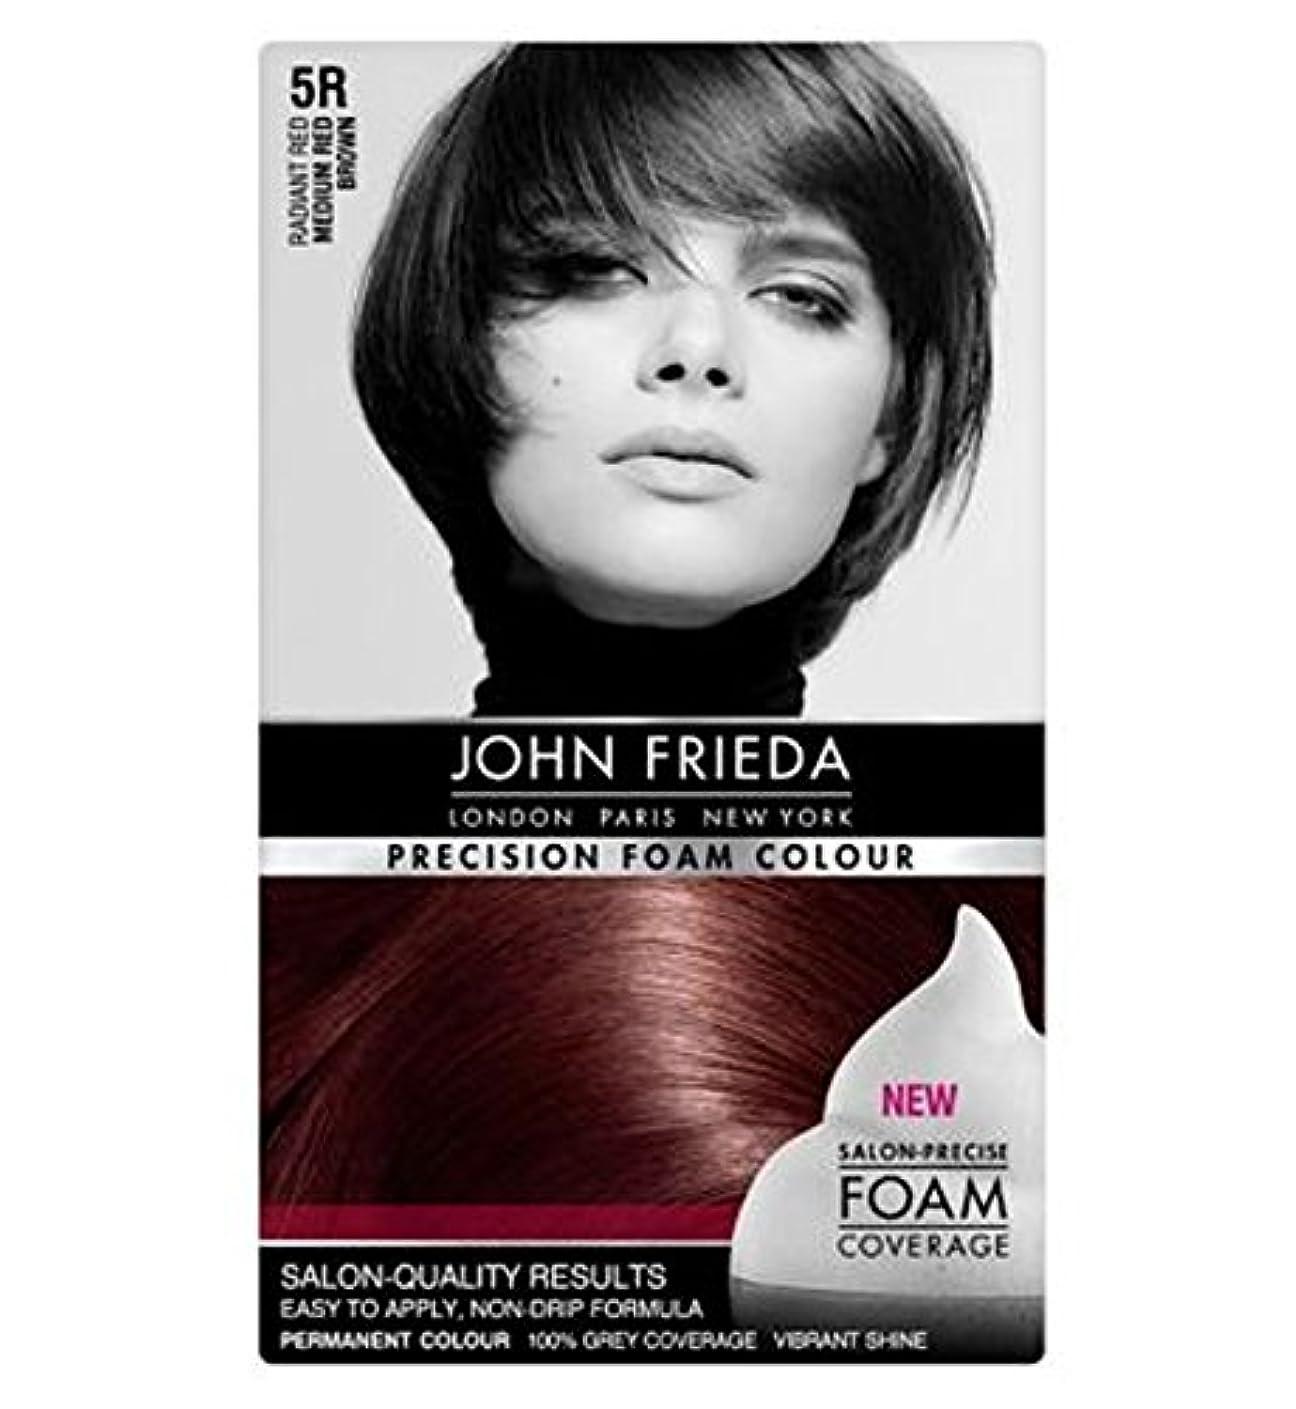 強い茎傷つきやすいミディアム赤茶色5Rジョン?フリーダ精密泡カラー (John Frieda) (x2) - John Frieda Precision Foam Colour 5R Medium Red Brown (Pack of 2) [並行輸入品]